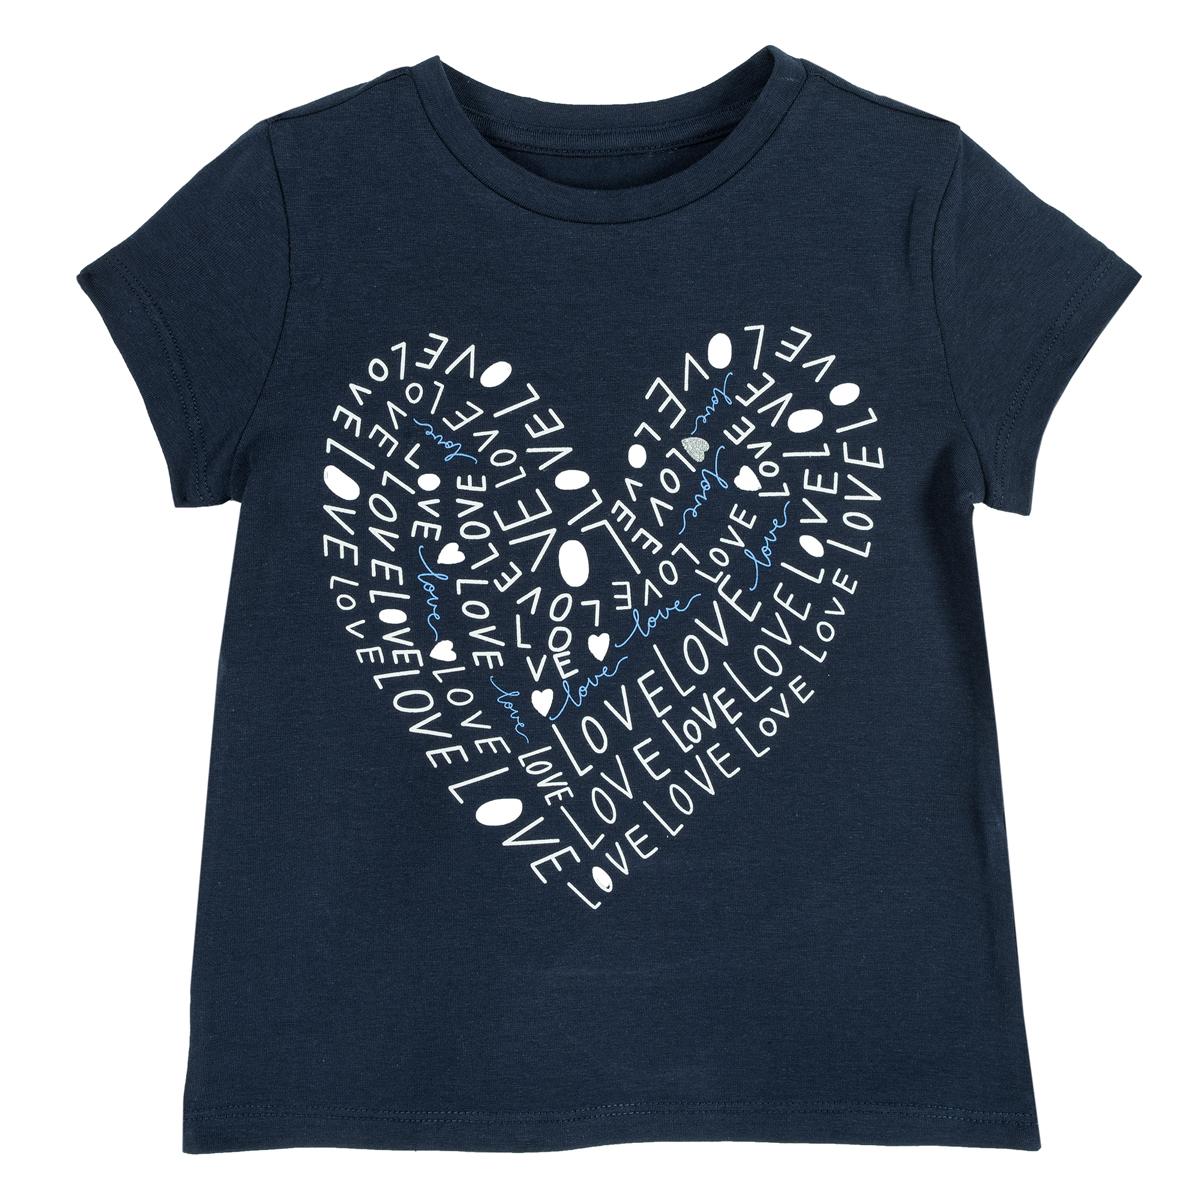 Tricou copii Chicco, maneca scurta, albastru inchis, 06730 din categoria Tricouri copii